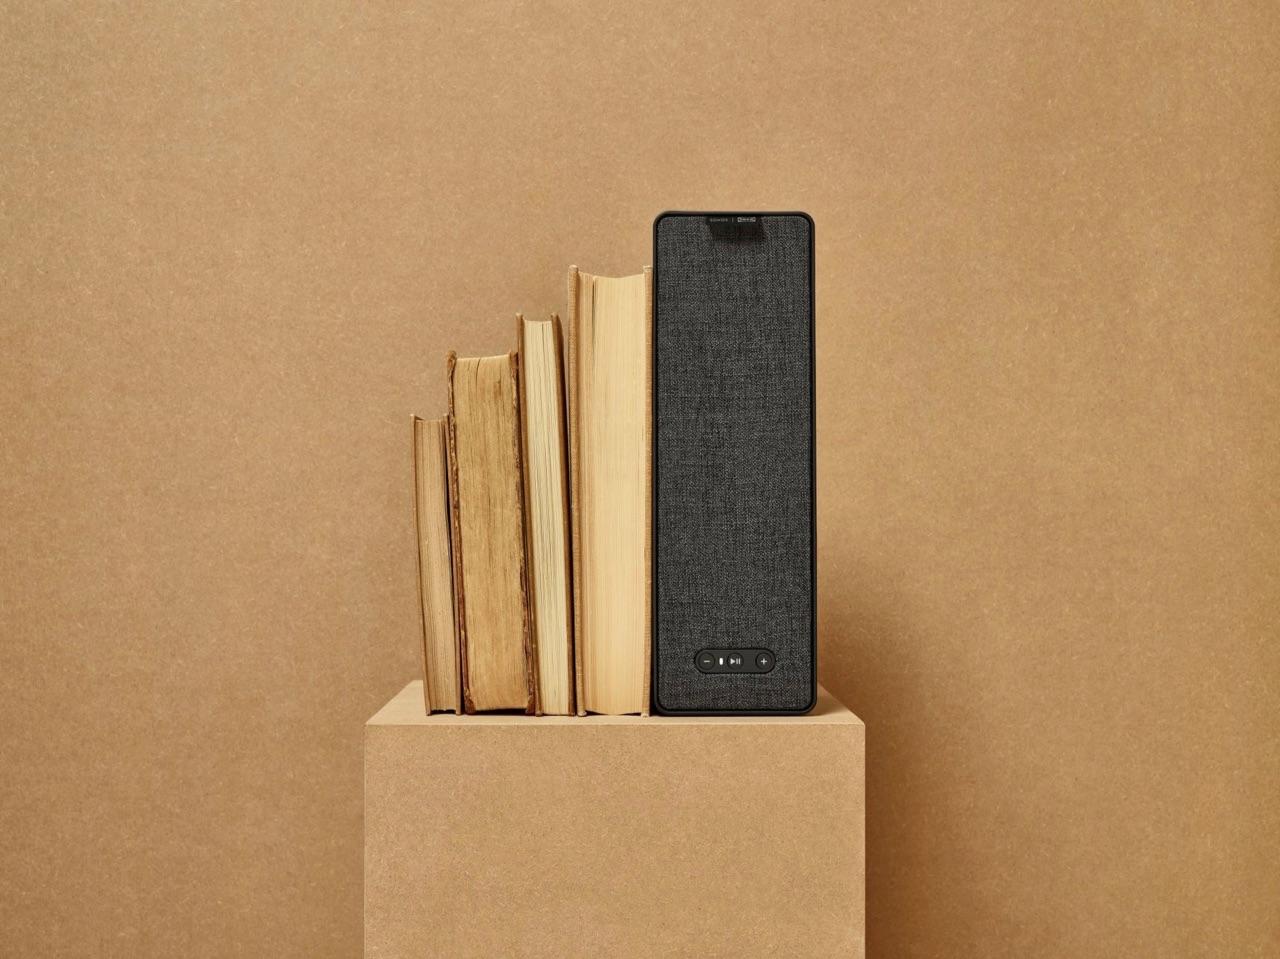 IKEA Symfonisk speaker met boeken.